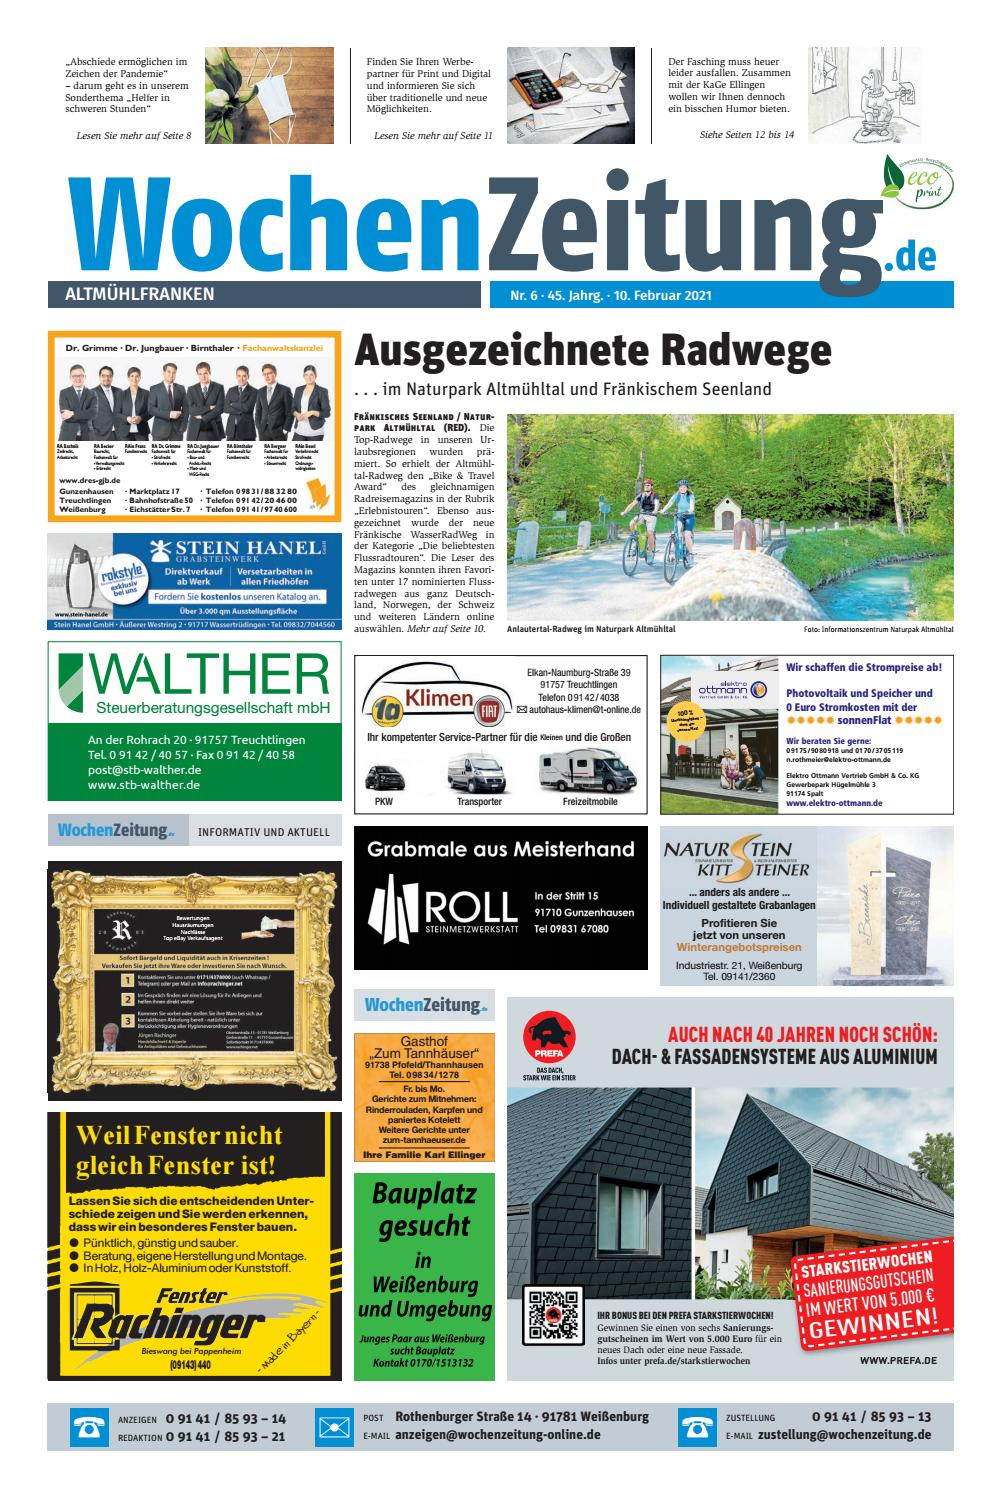 WochenZeitung Altmühlfranken 20.20 by wochenzeitung online   issuu